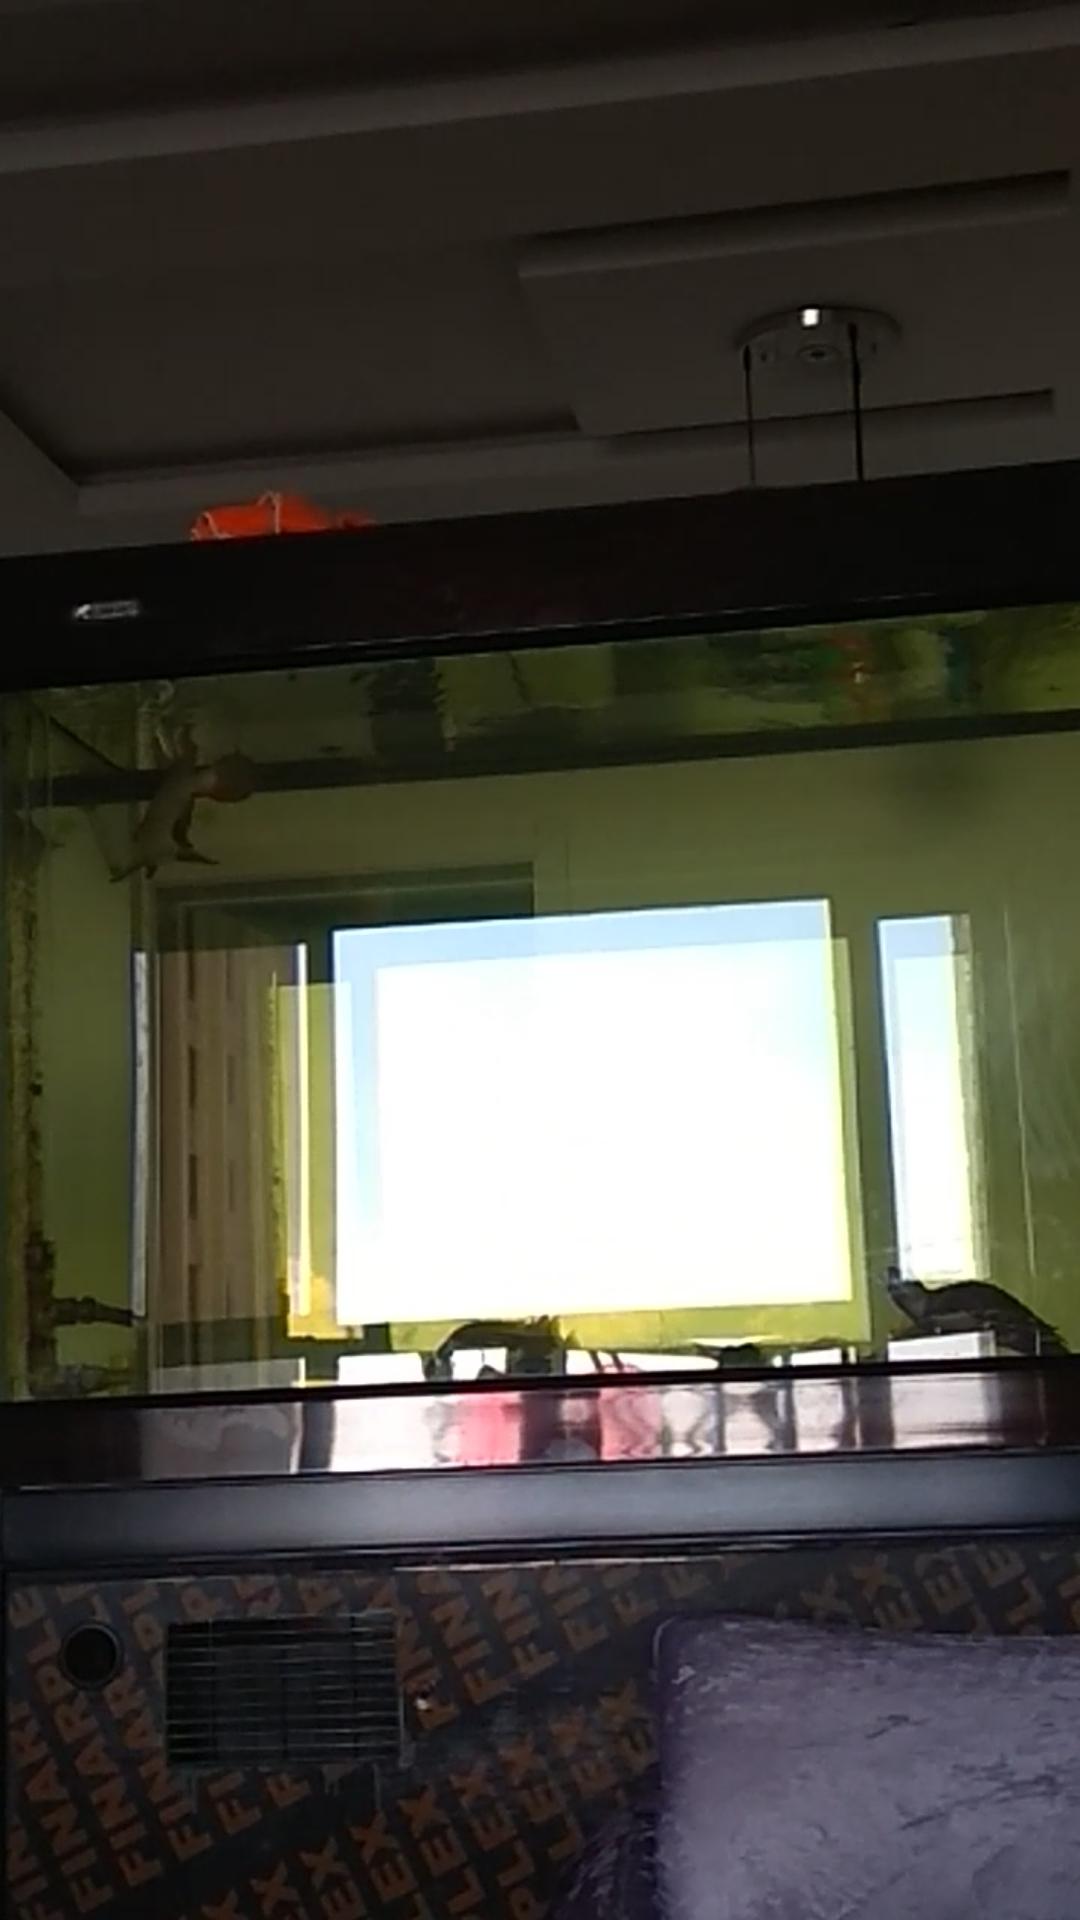 申请 光特亿智能wifi水泵6000一台 北京观赏鱼 北京龙鱼第2张